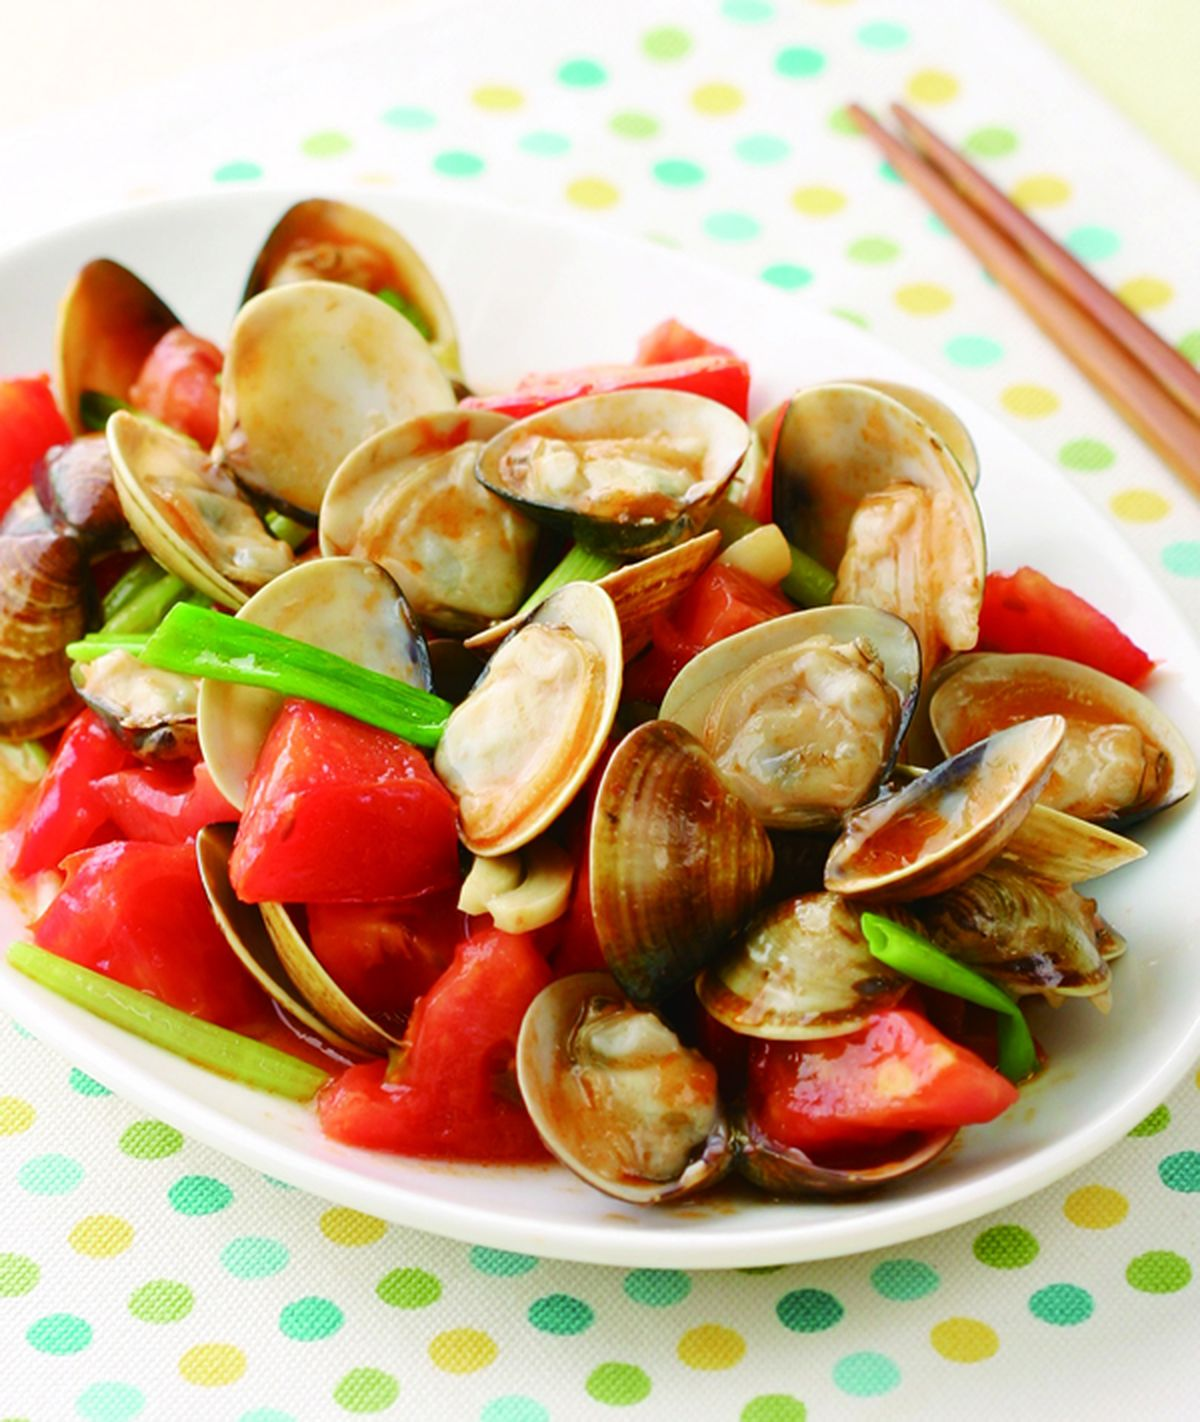 食譜:蕃茄炒蛤蜊